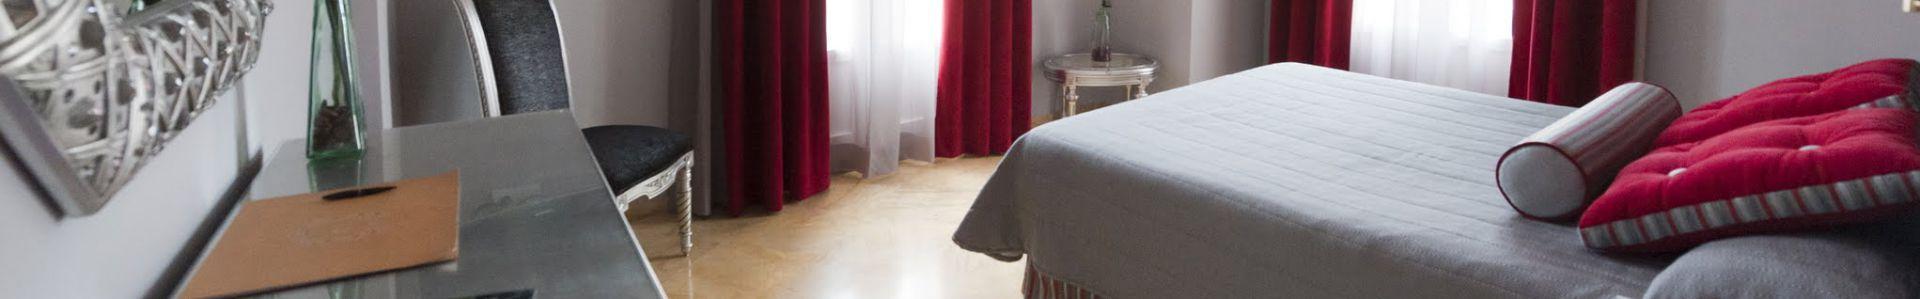 Sevilla chambre d'hôtel à Superior Deluxe